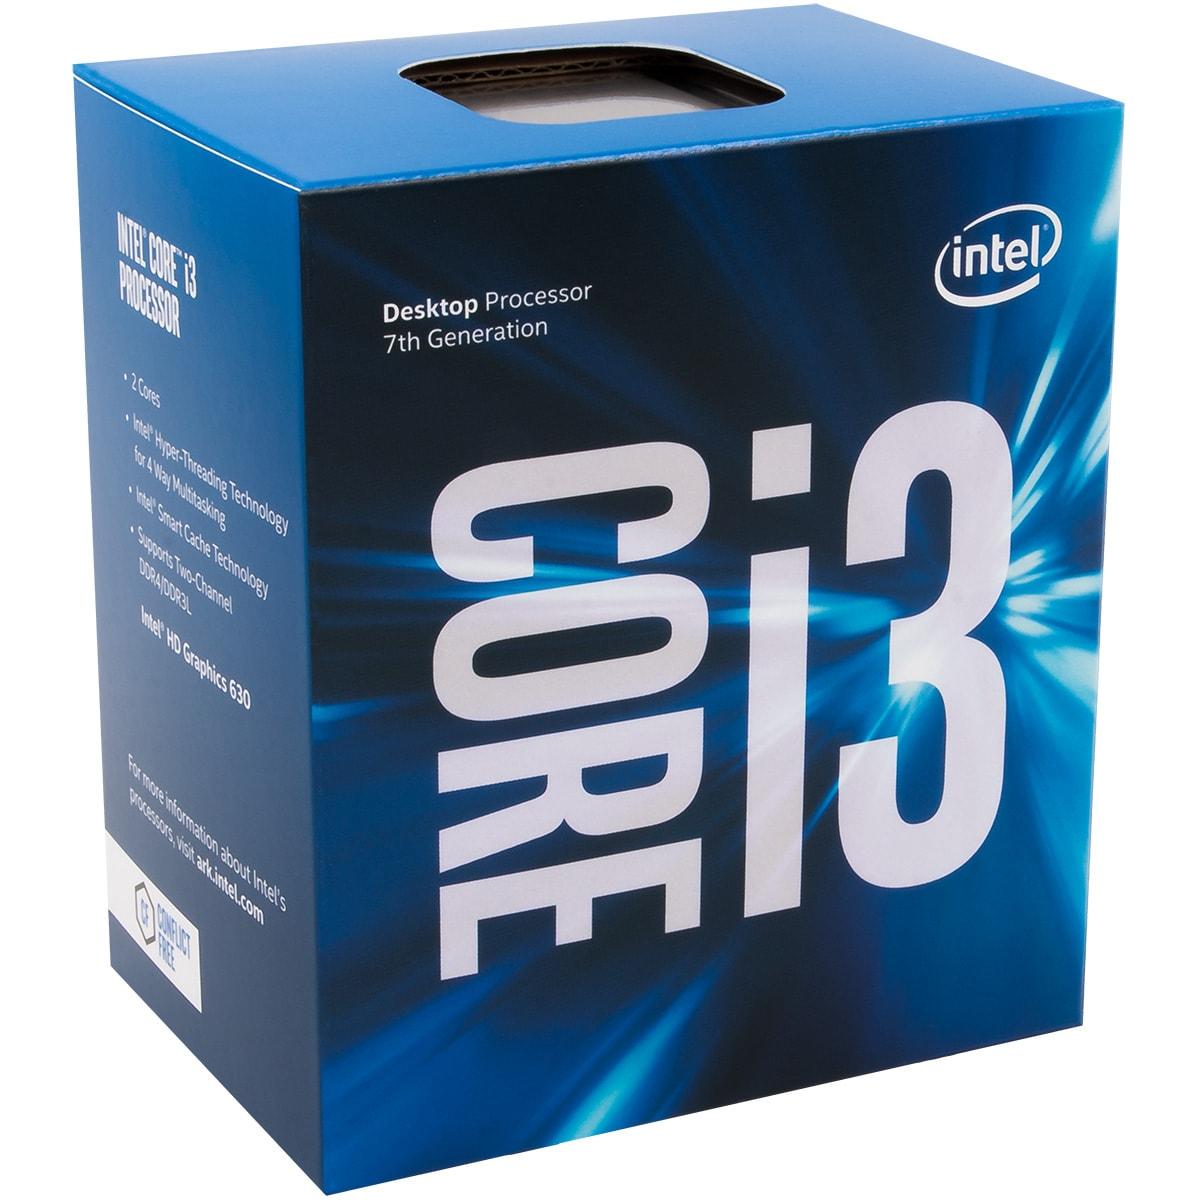 Intel Core i3 7300 - 4GHz - Processeur Intel - Cybertek.fr - 0